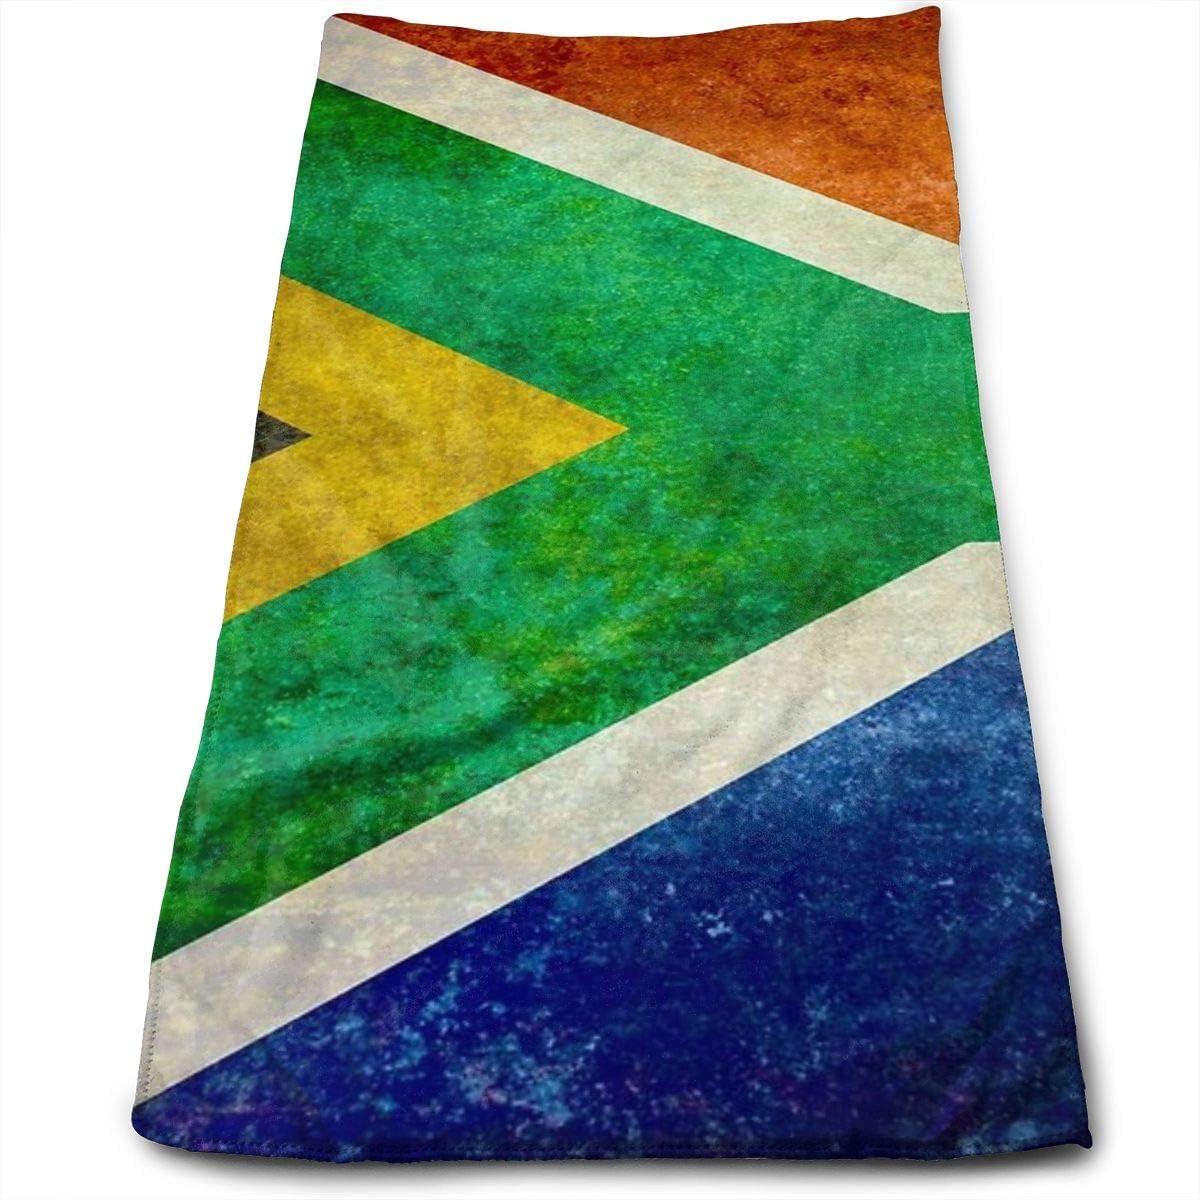 Dnwha - Toalla de poliéster con diseño de la Bandera Nacional de la República de Sudáfrica, Toalla Absorbente para Lavado de Cara y Cuidado del Cabello, Apta para Piscina, Gimnasio y baño